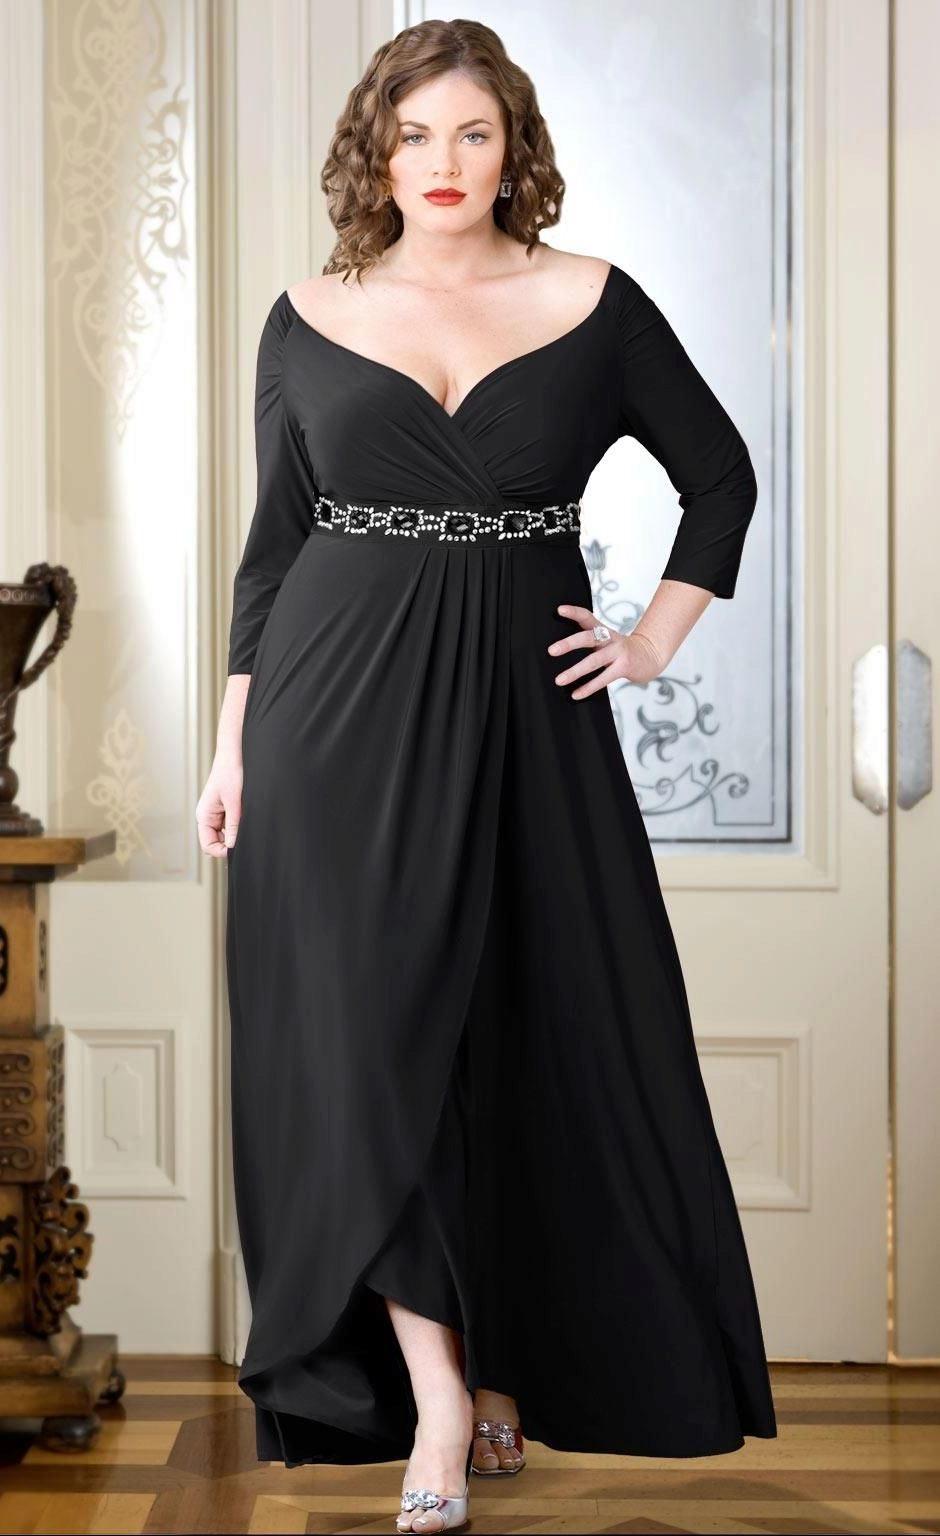 b7e7fd7f763 Вечернее платье с глубоким вырезом и запахом для 54 размера